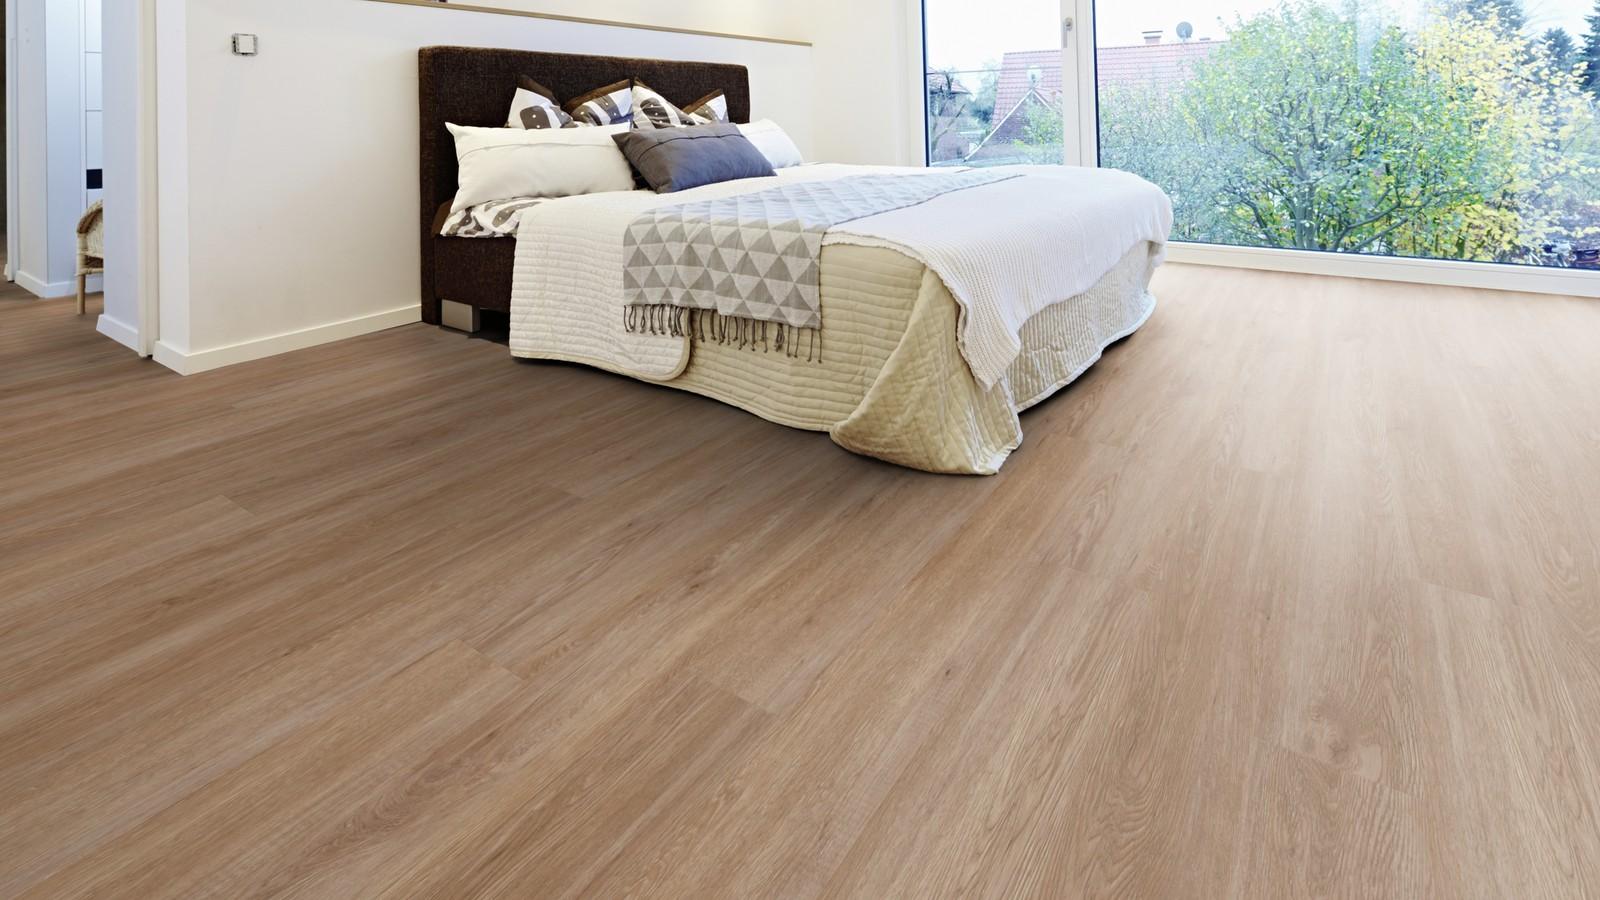 ter h rne. Black Bedroom Furniture Sets. Home Design Ideas